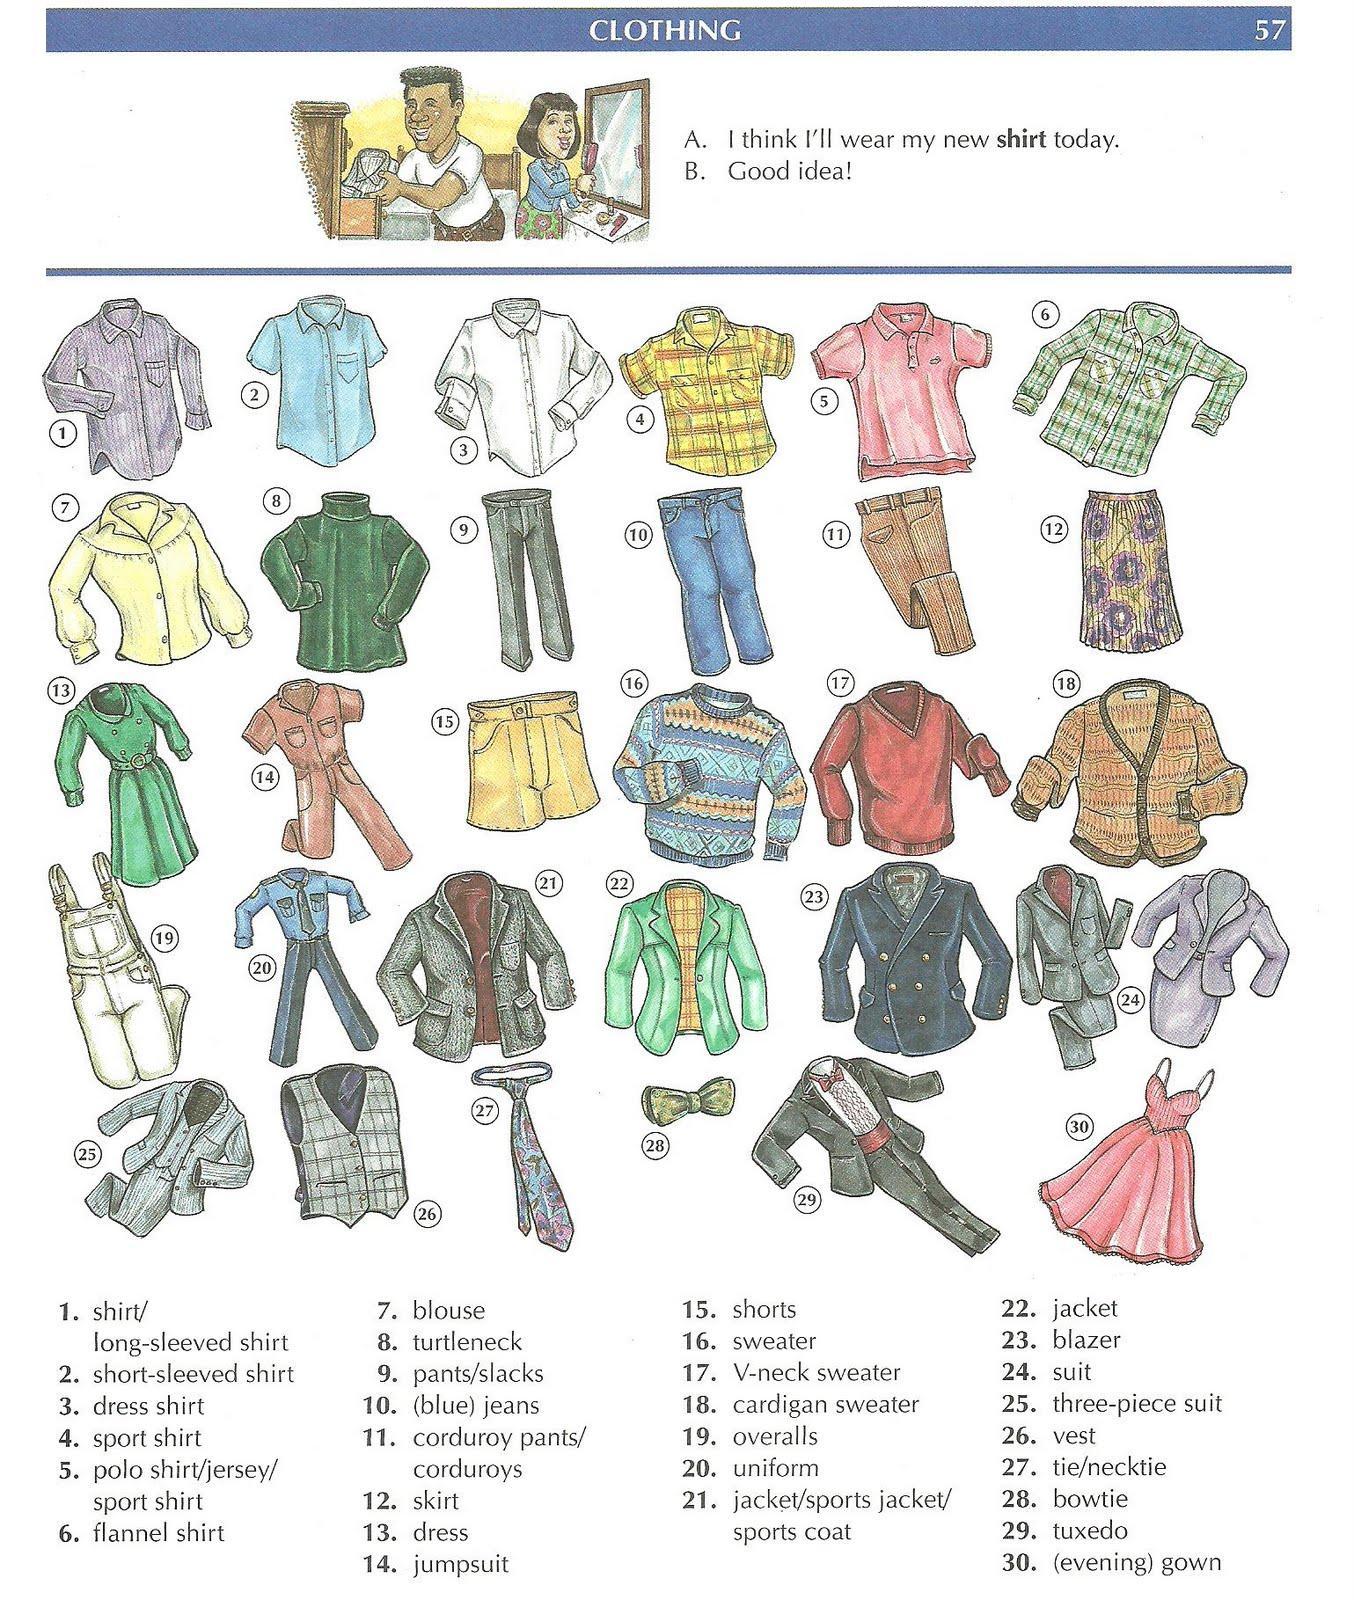 clothing-1.jpeg